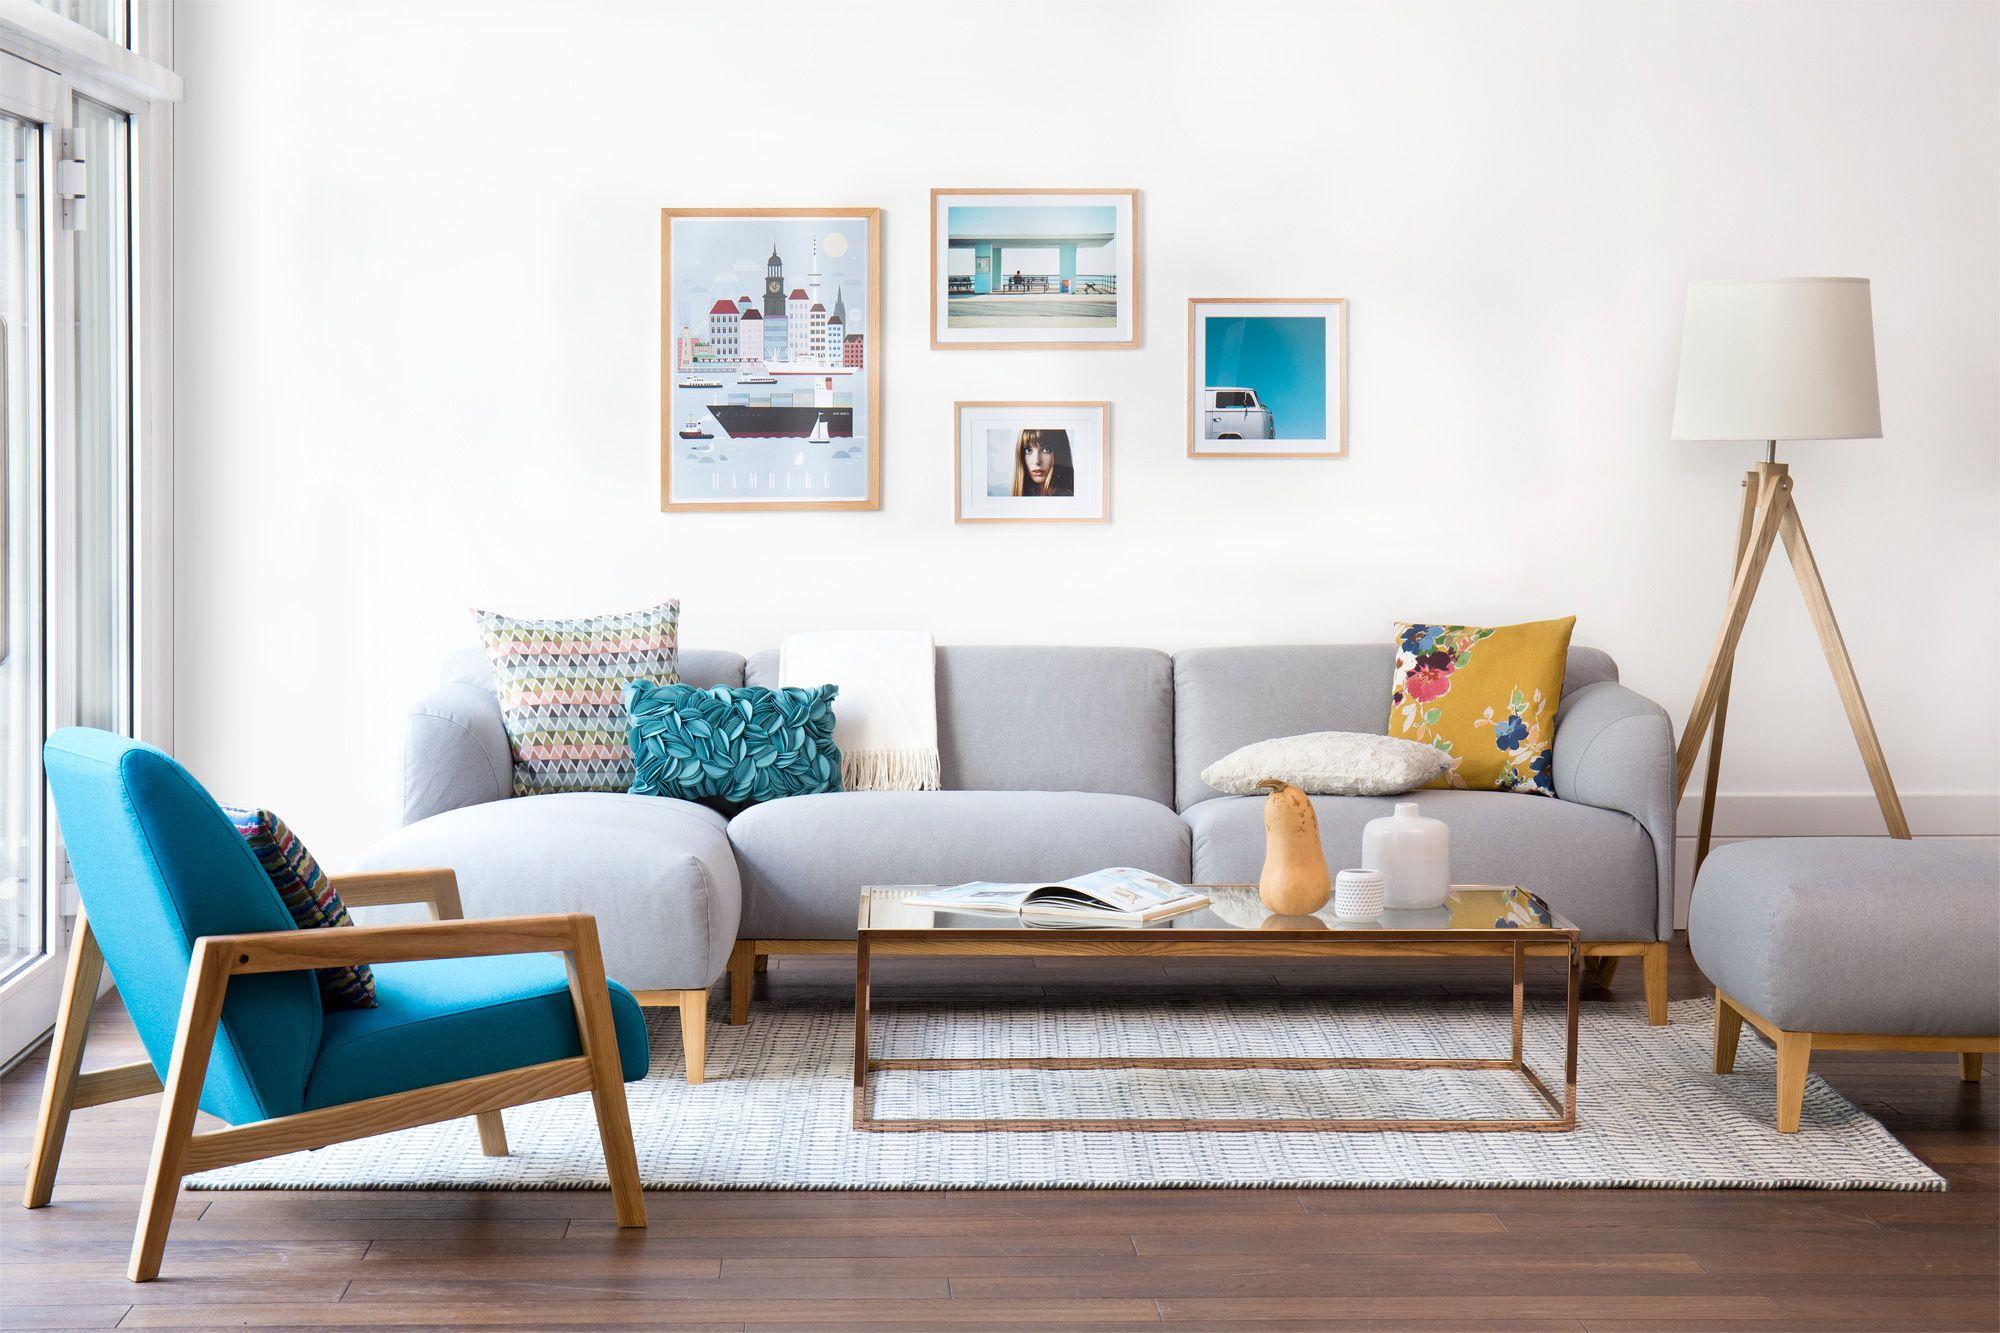 Skandinavisches Design Kombination Holz Helle Farben Klare Linien Wohnzimmer Messing Salon Zimmer Ideen